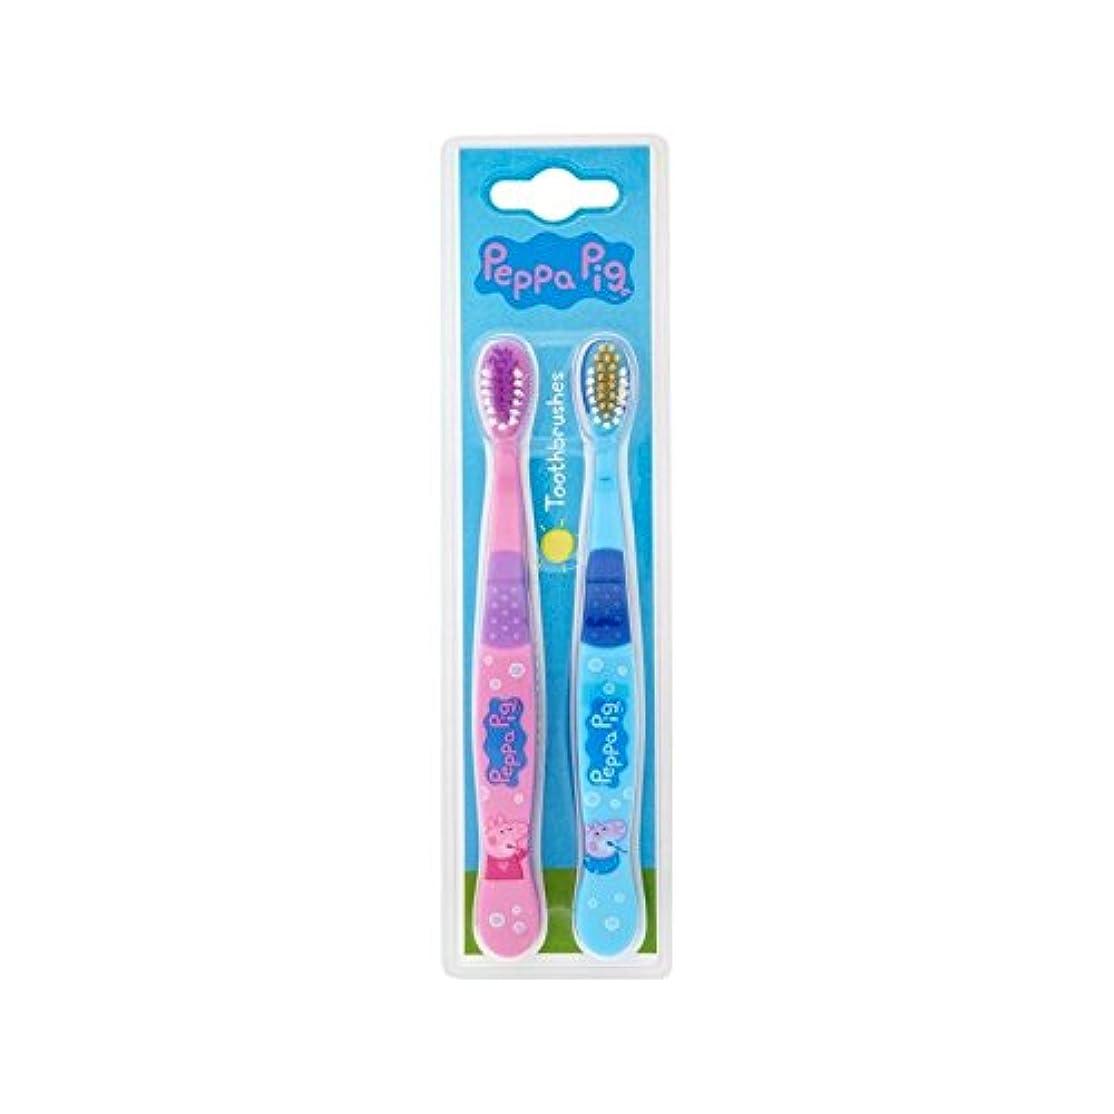 贈り物行列主流1パックツイン歯ブラシ2 (Peppa Pig) (x 2) - Peppa Pig Twin Toothbrush 2 per pack (Pack of 2) [並行輸入品]